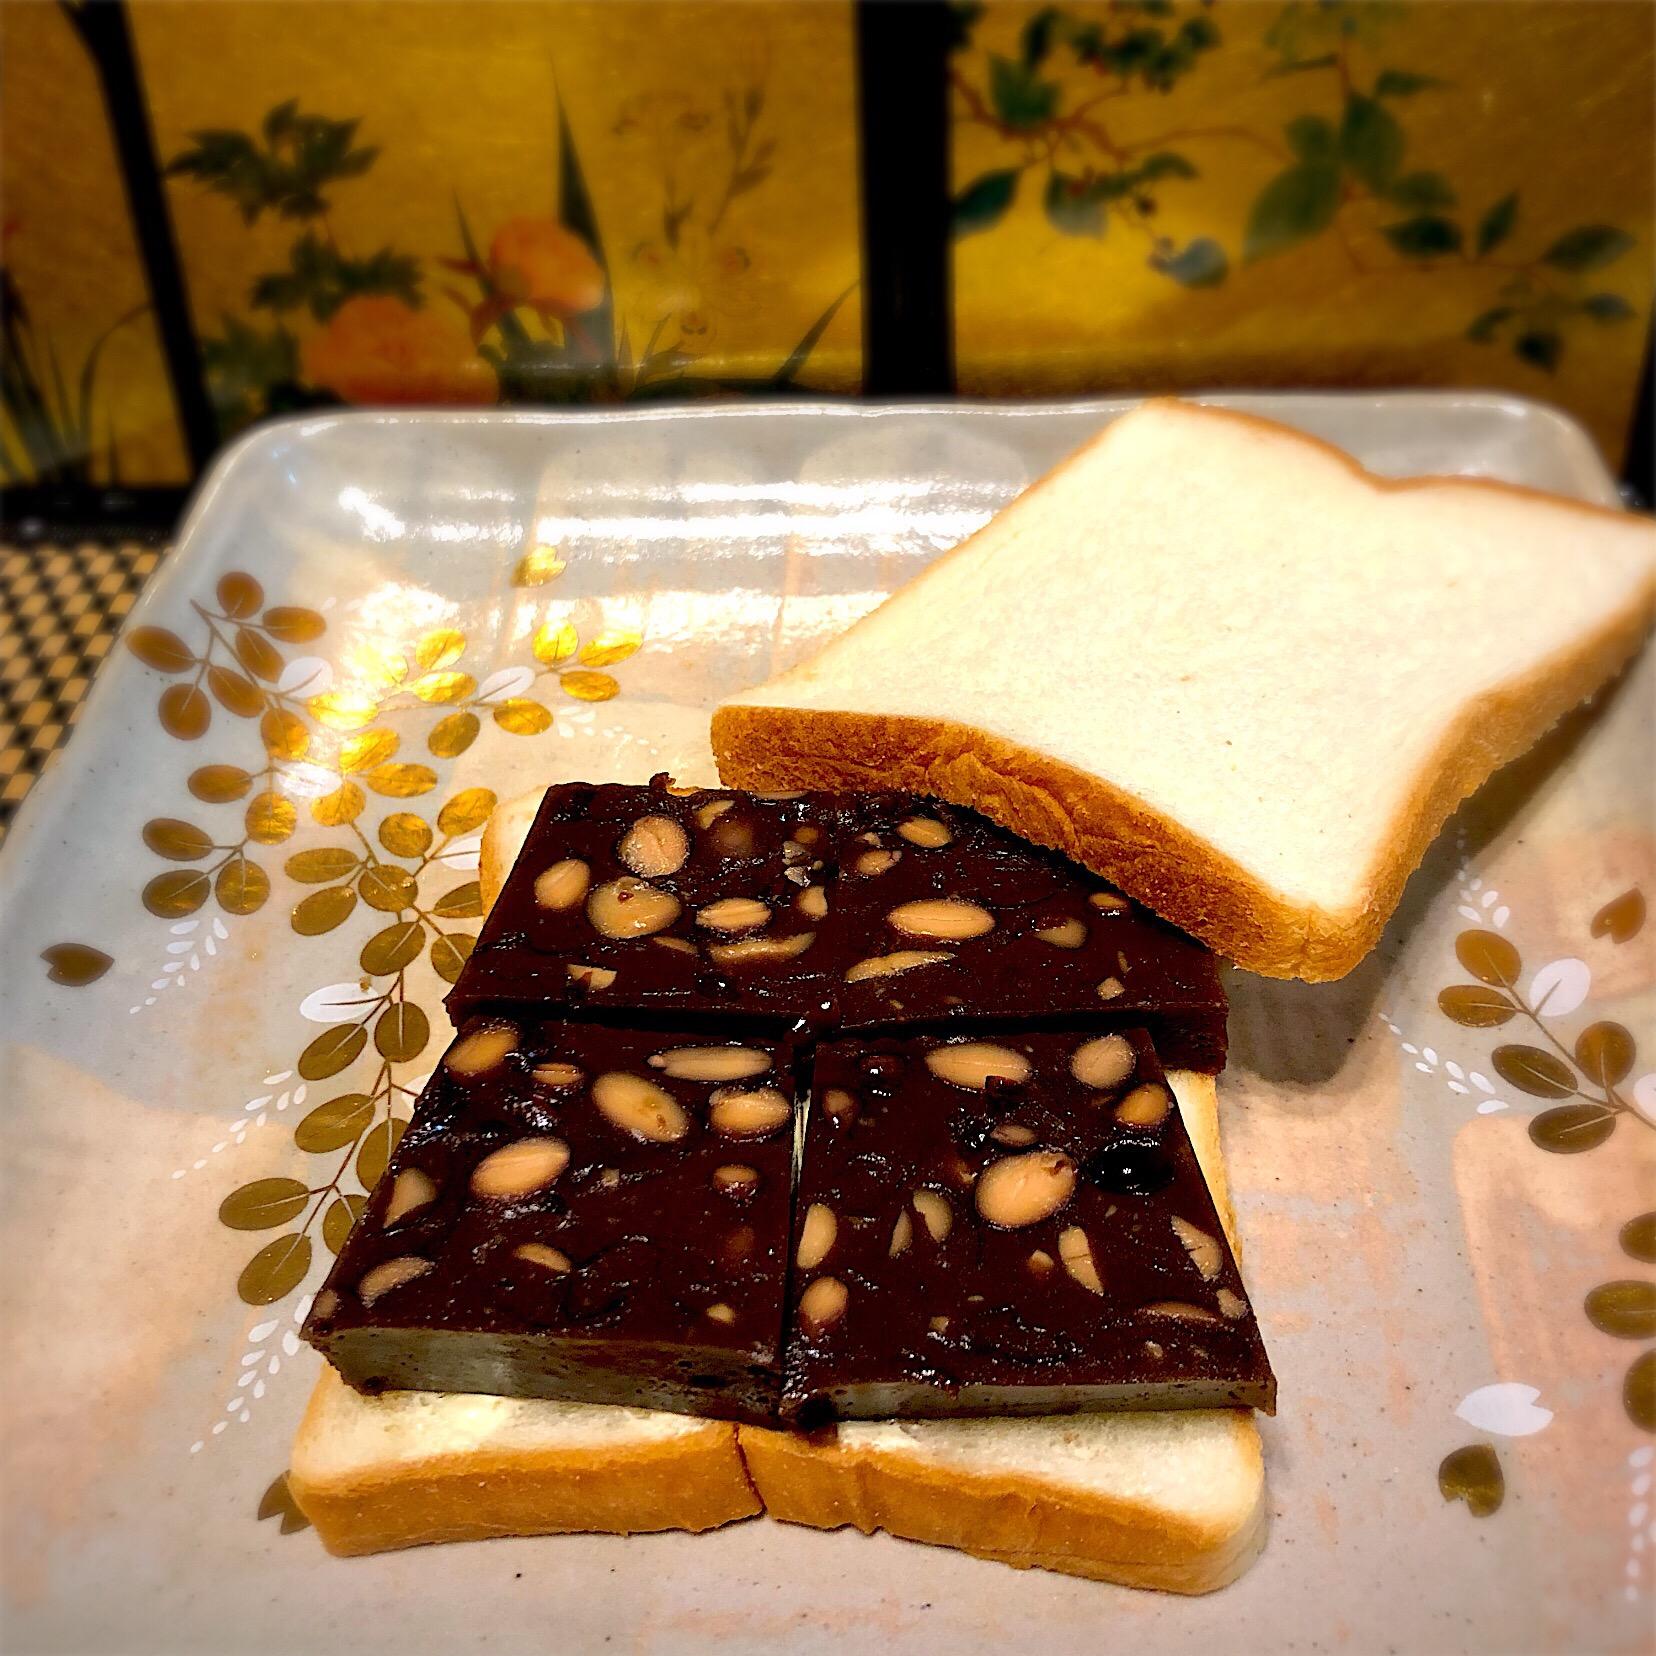 佐野未起の料理 黒豆水ようかん #御節救済 羊羹パン